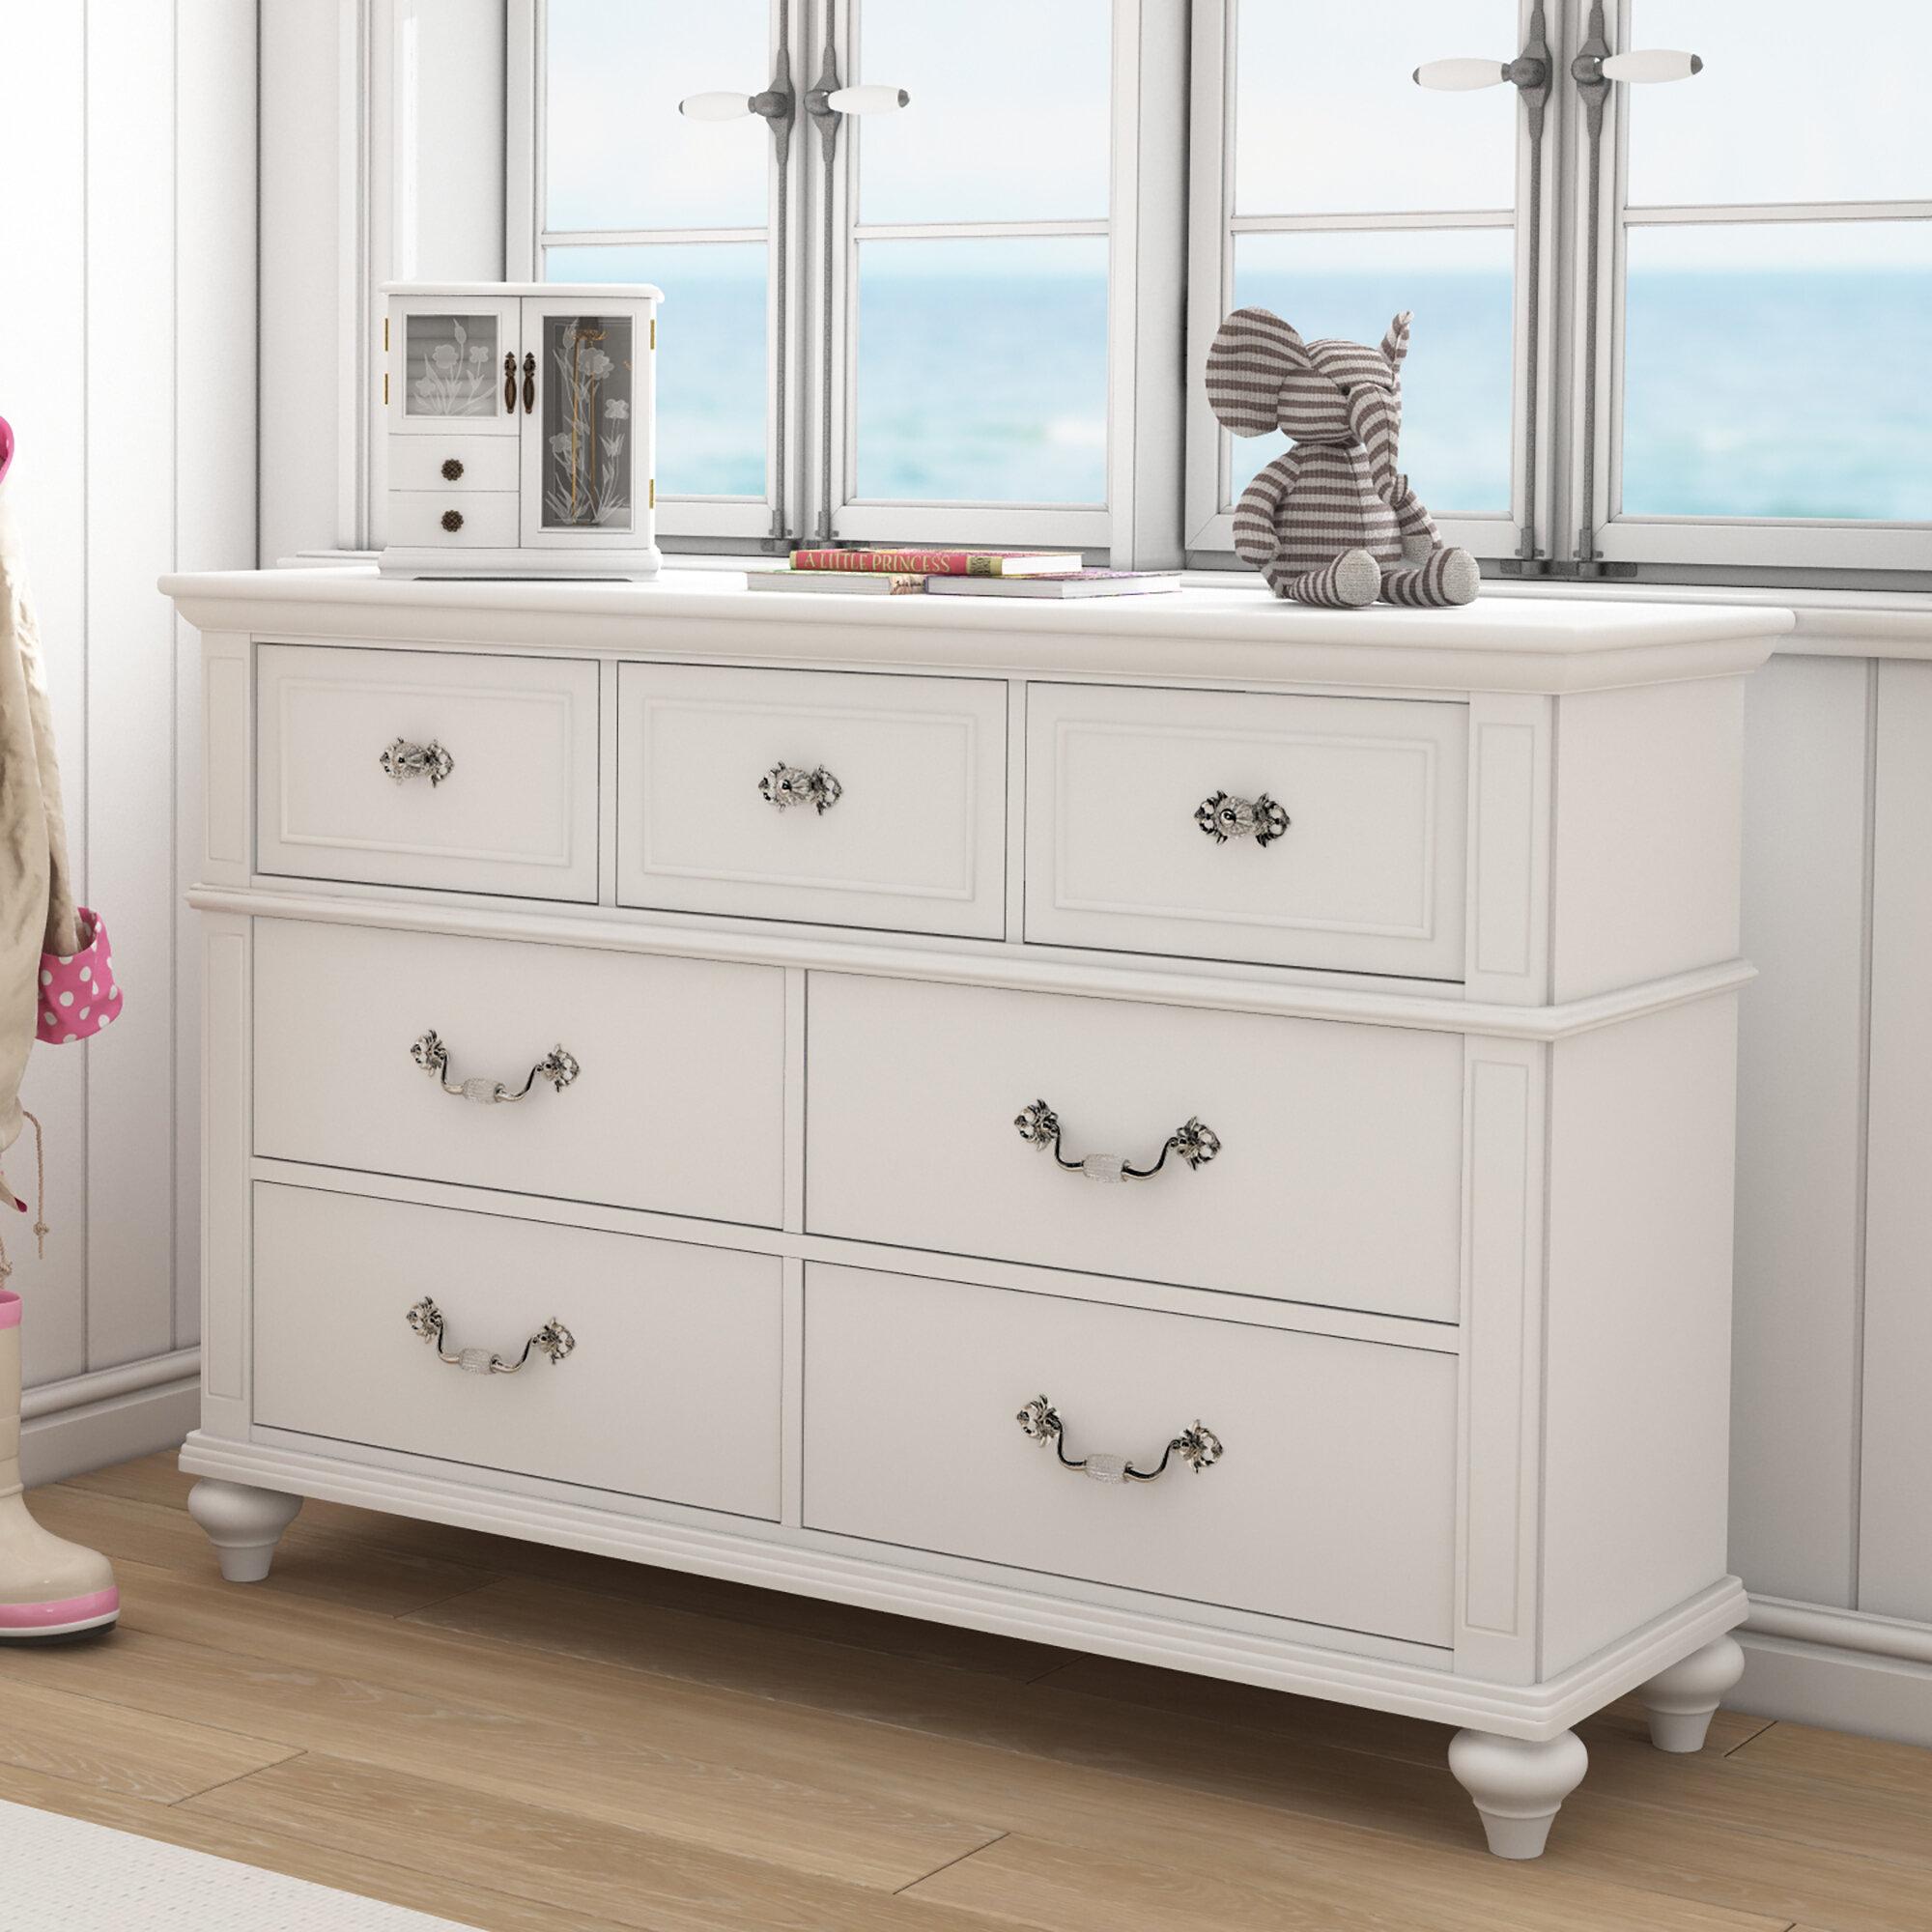 Viv rae lydia 7 drawer dresser reviews wayfair